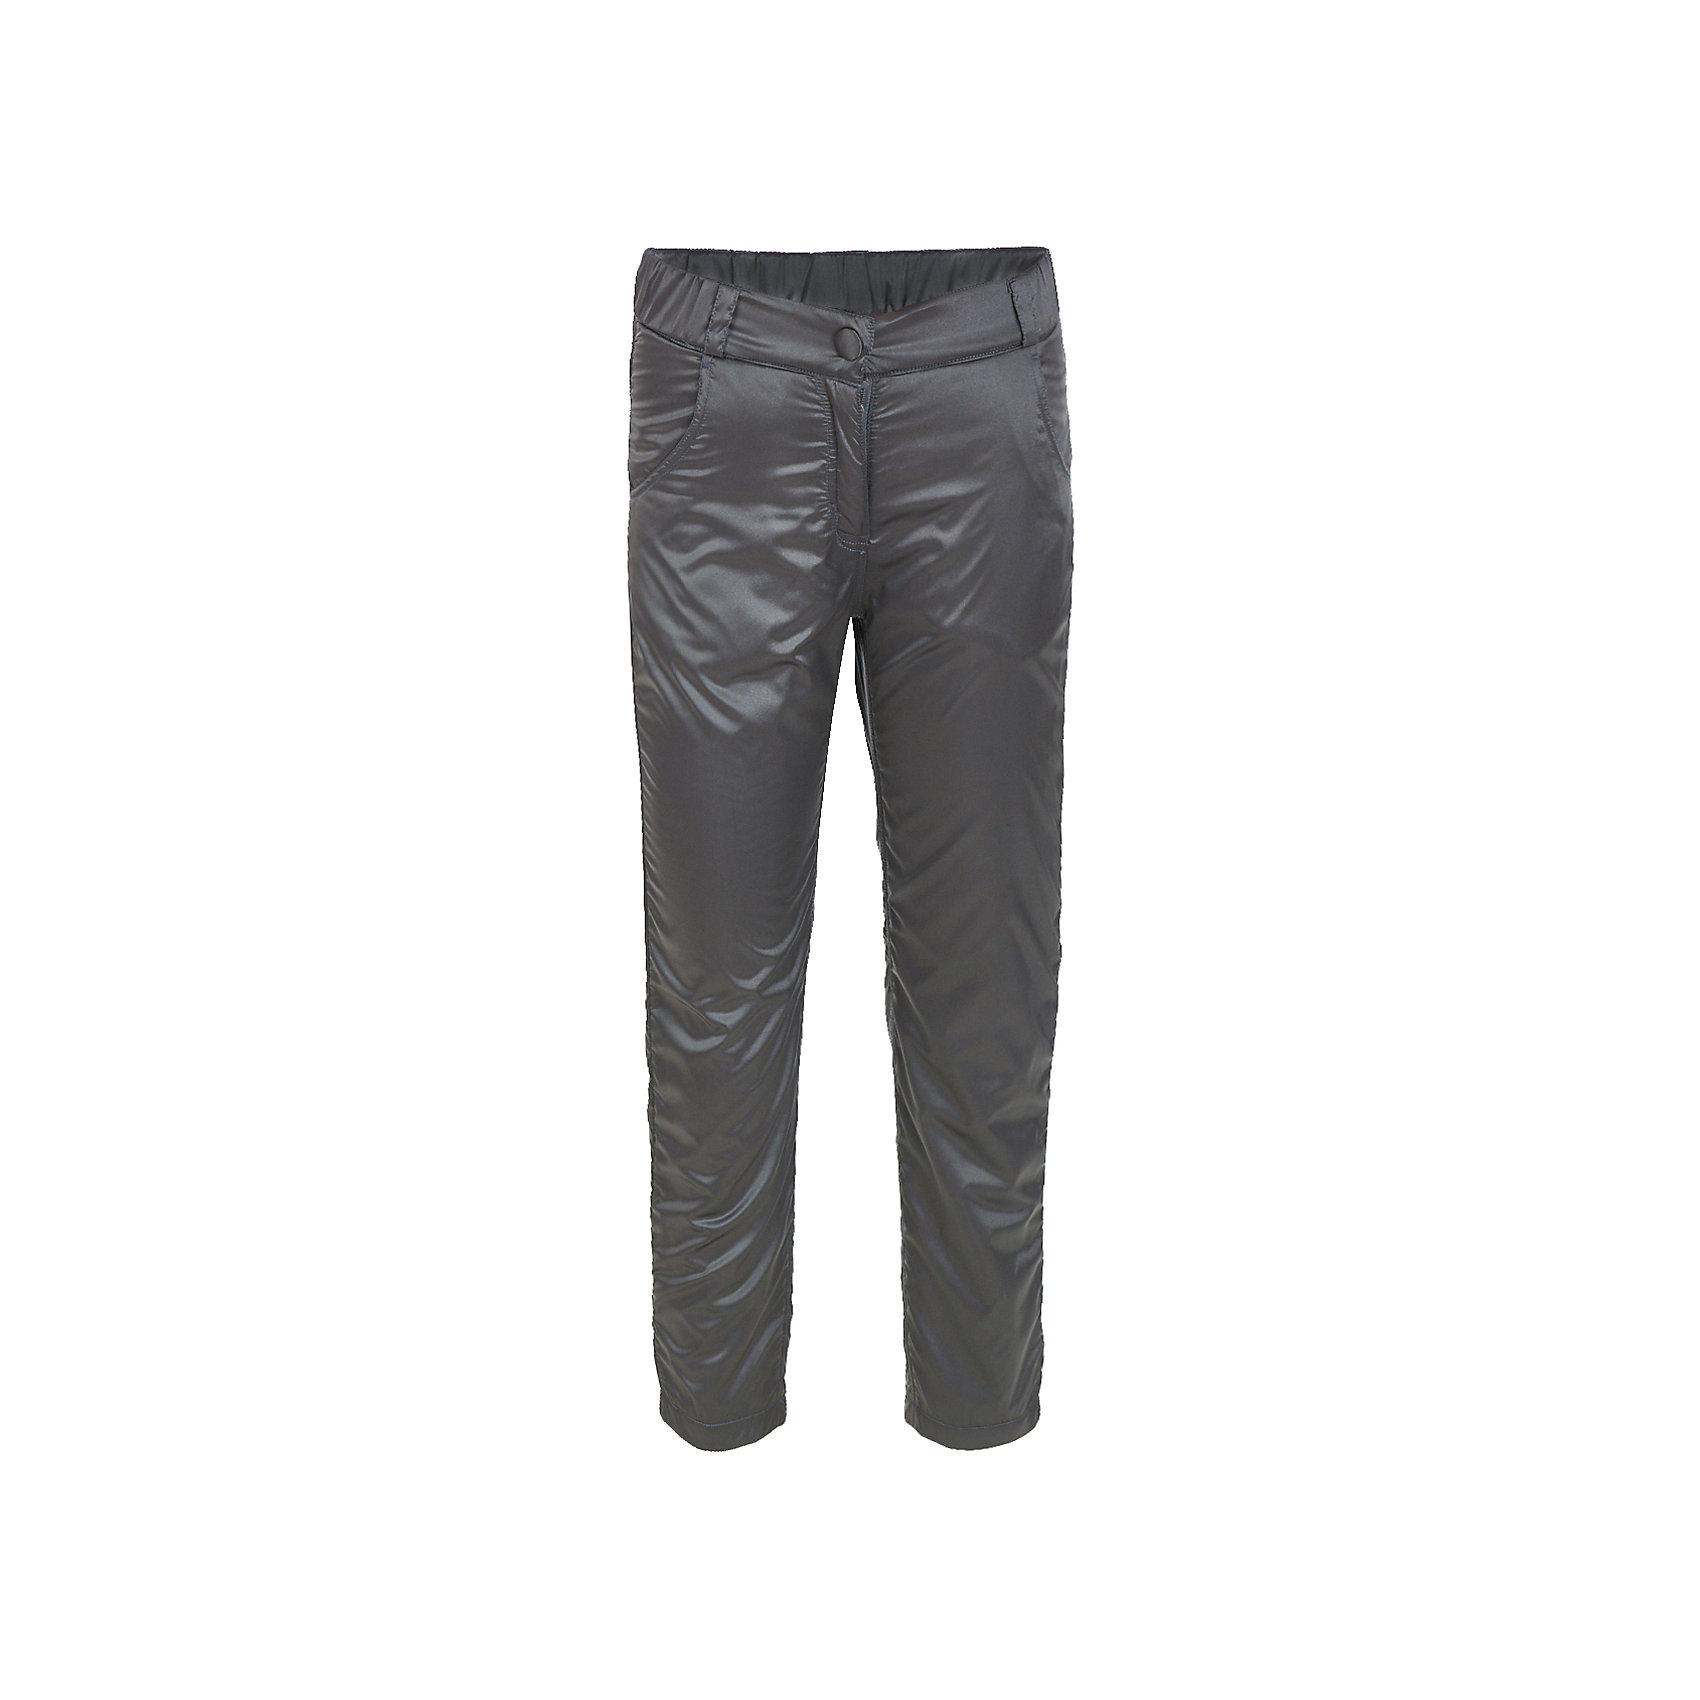 Брюки Button Blue для девочкиВерхняя одежда<br>Характеристики товара:<br><br>• цвет: черный;<br>• состав: 55% полиэстер, 45% нейлон;<br>• подкладка: 100% хлопок, 100% полиэстер, флис;<br>• без дополнительного утепления;<br>• сезон: демисезон;<br>• температурный режим: от +7 до -10С;<br>• застежка: ширинка на молнии, пуговица;<br>• сплошная флисовая подкладка;<br>• плащевая ткань сверху;<br>• непромокаемые;<br>• два боковых кармана;<br>• страна бренда: Россия;<br>• страна изготовитель: Китай.<br><br>Демисезонные брюки на флисе для девочки. Брюки застегиваются на ширинку на молнии и пуговицу-крючок. Сверху брюки выполнены из водонепроницаемой плащевой ткани, при этом изделие дышит. Внутри сплошная флисовая подкладка, которая сохранит тепло.<br><br>Брюки Button Blue (Баттон Блю) можно купить в нашем интернет-магазине.<br><br>Ширина мм: 215<br>Глубина мм: 88<br>Высота мм: 191<br>Вес г: 336<br>Цвет: темно-серый<br>Возраст от месяцев: 144<br>Возраст до месяцев: 156<br>Пол: Женский<br>Возраст: Детский<br>Размер: 158,116,122,128,98,104,134,110,140,146,152<br>SKU: 7038005